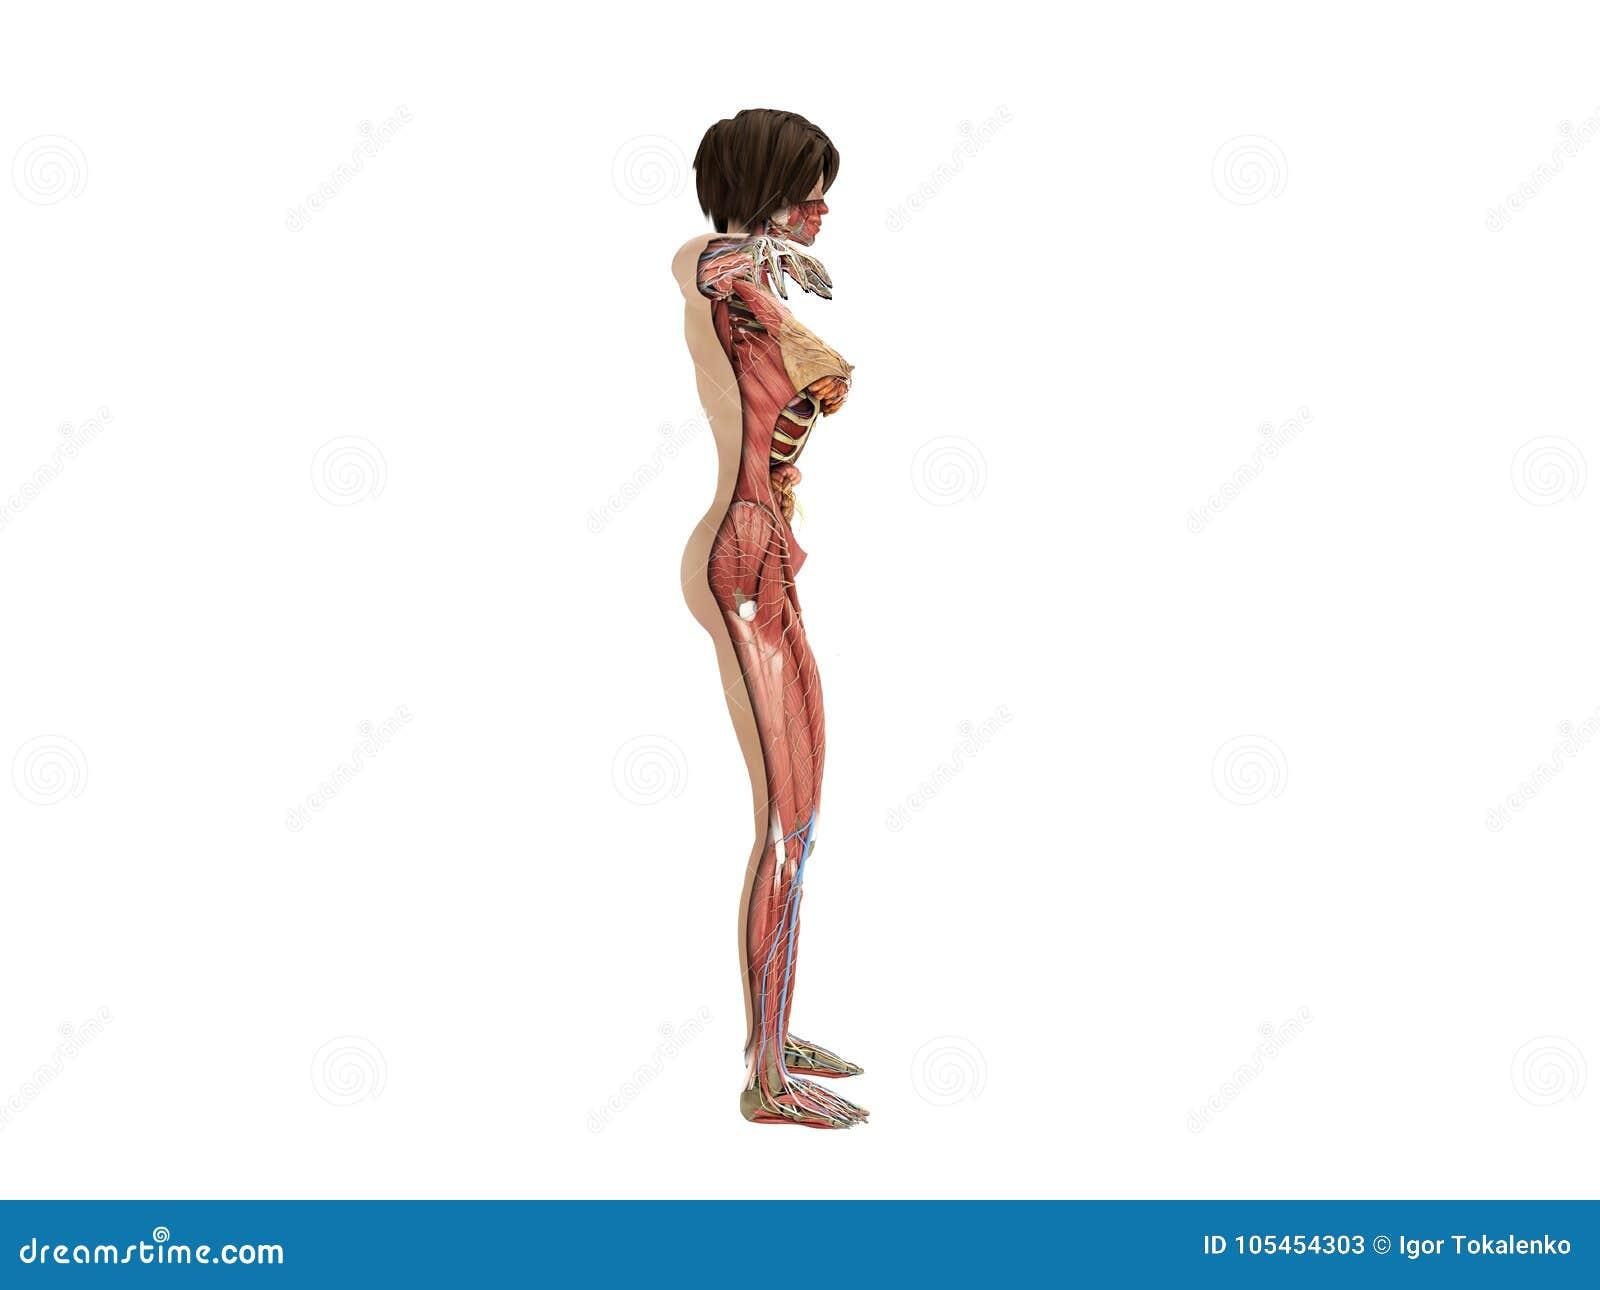 porno-video-anatomiya-zhenshini-saloy-obkonchennih-pisek-zhenshin